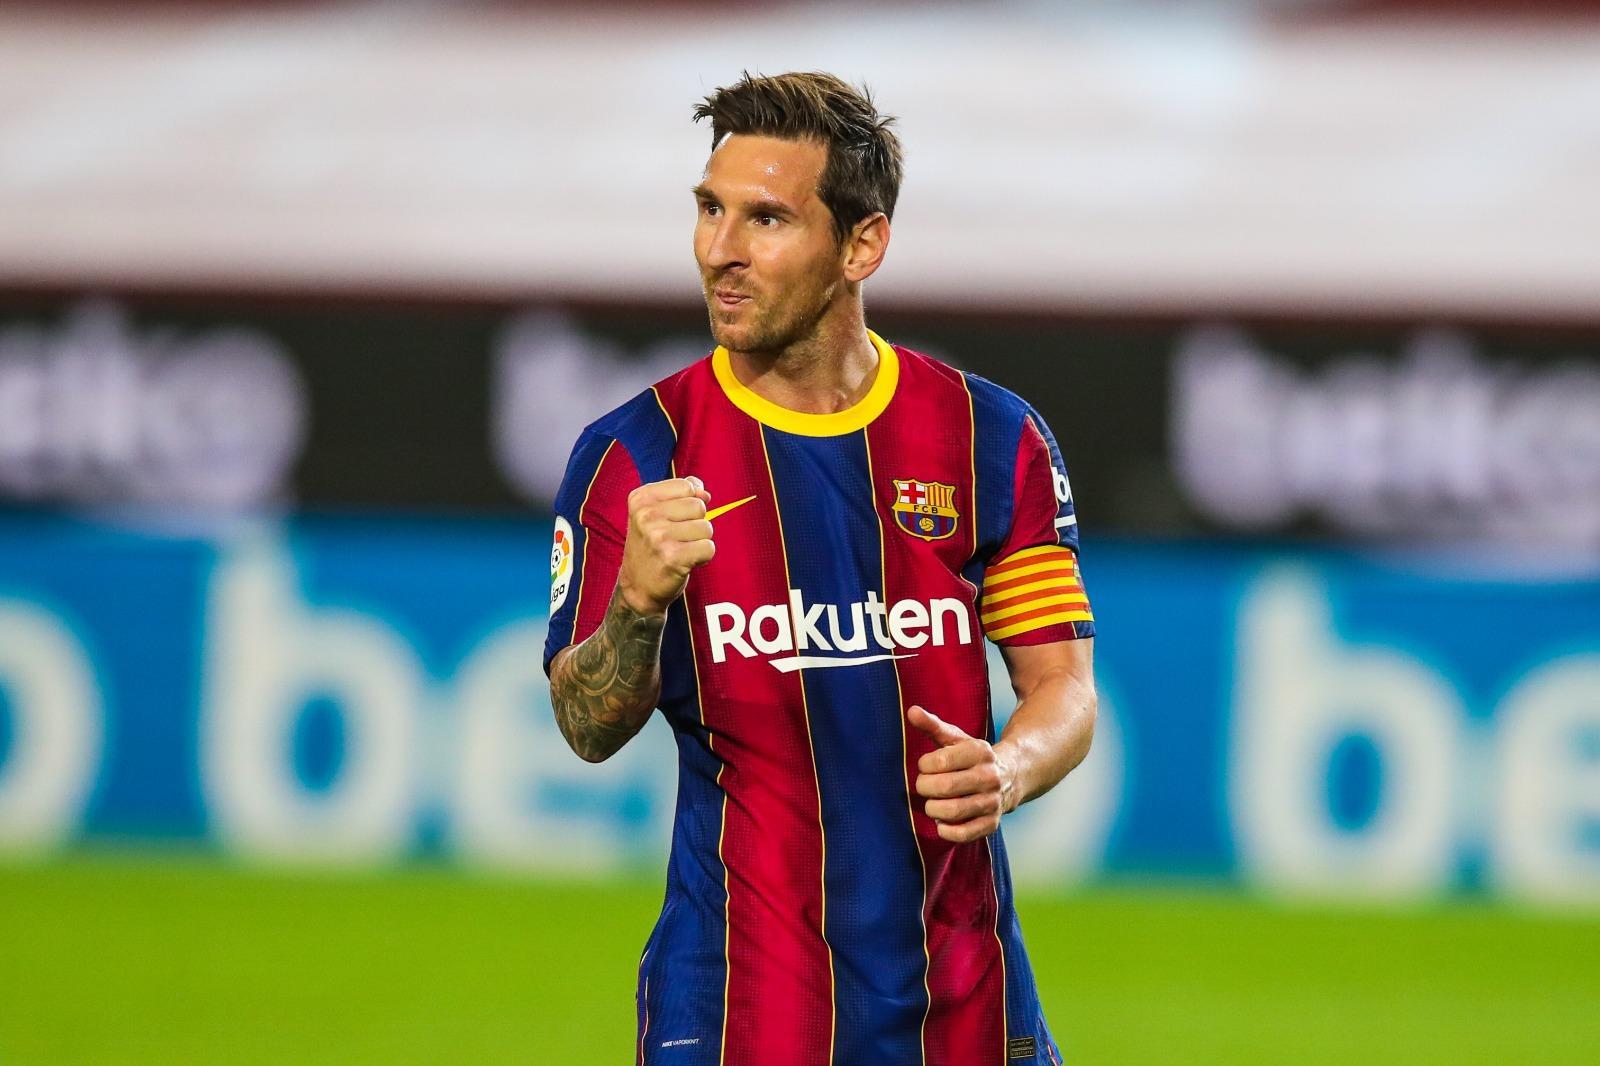 Manchester City podría ofrecerle un contrato de hasta 10 años a Lionel Messi